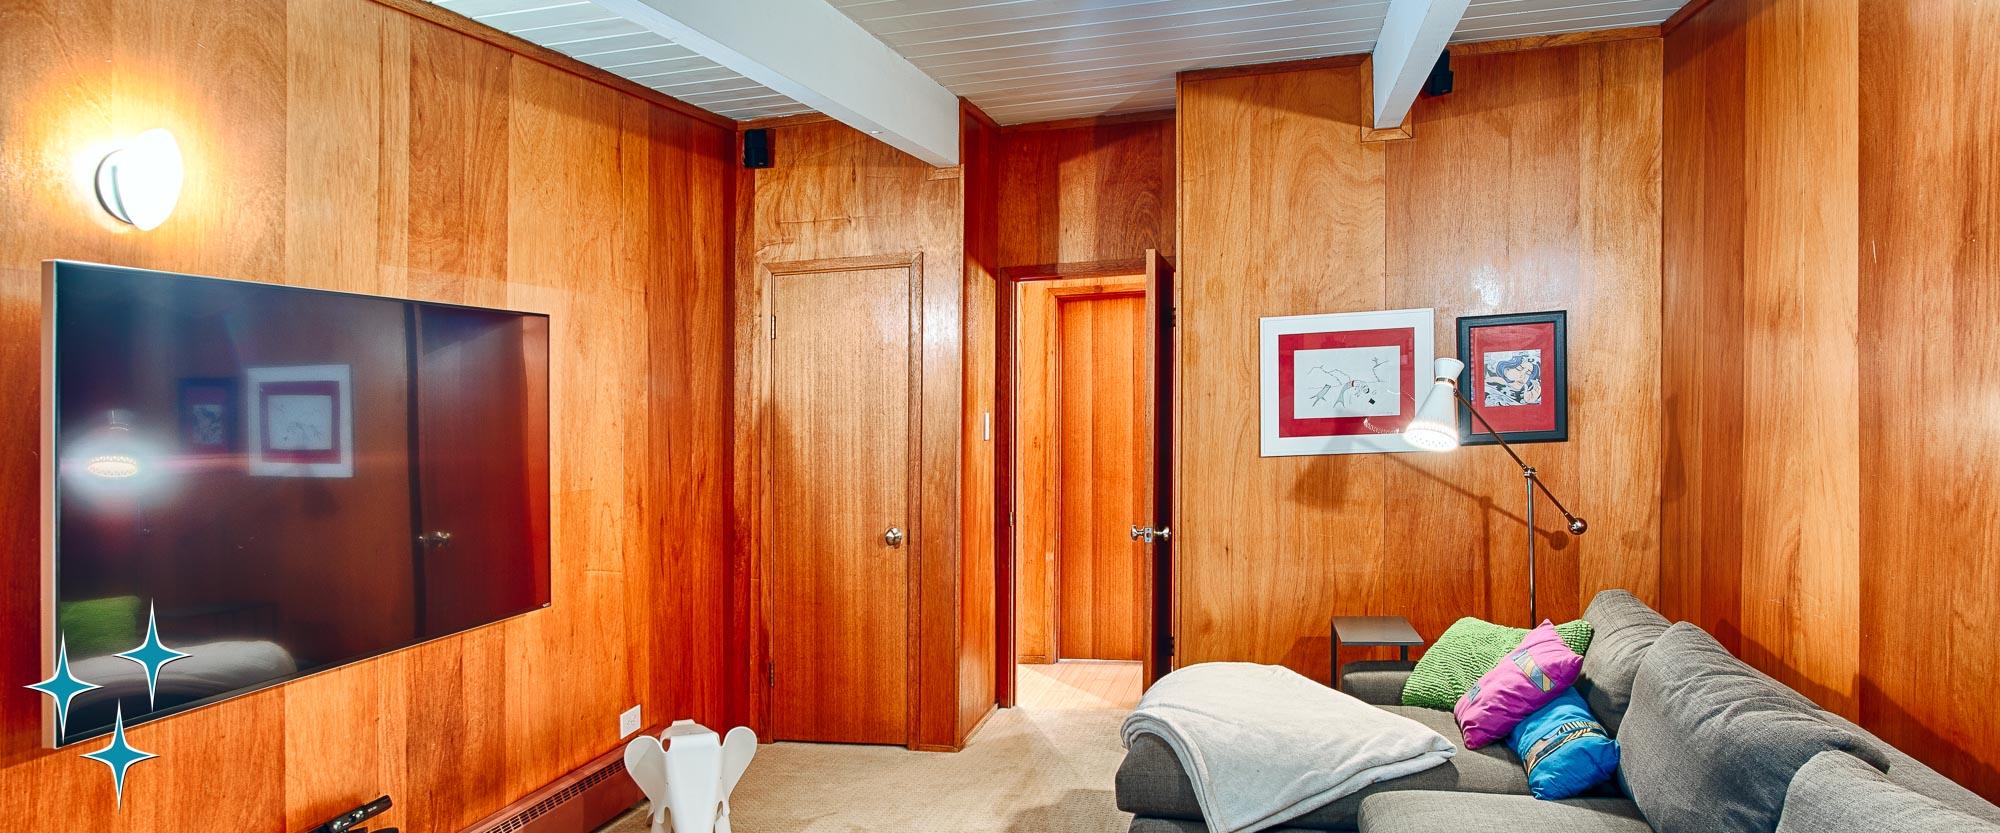 The Berkowitz House -